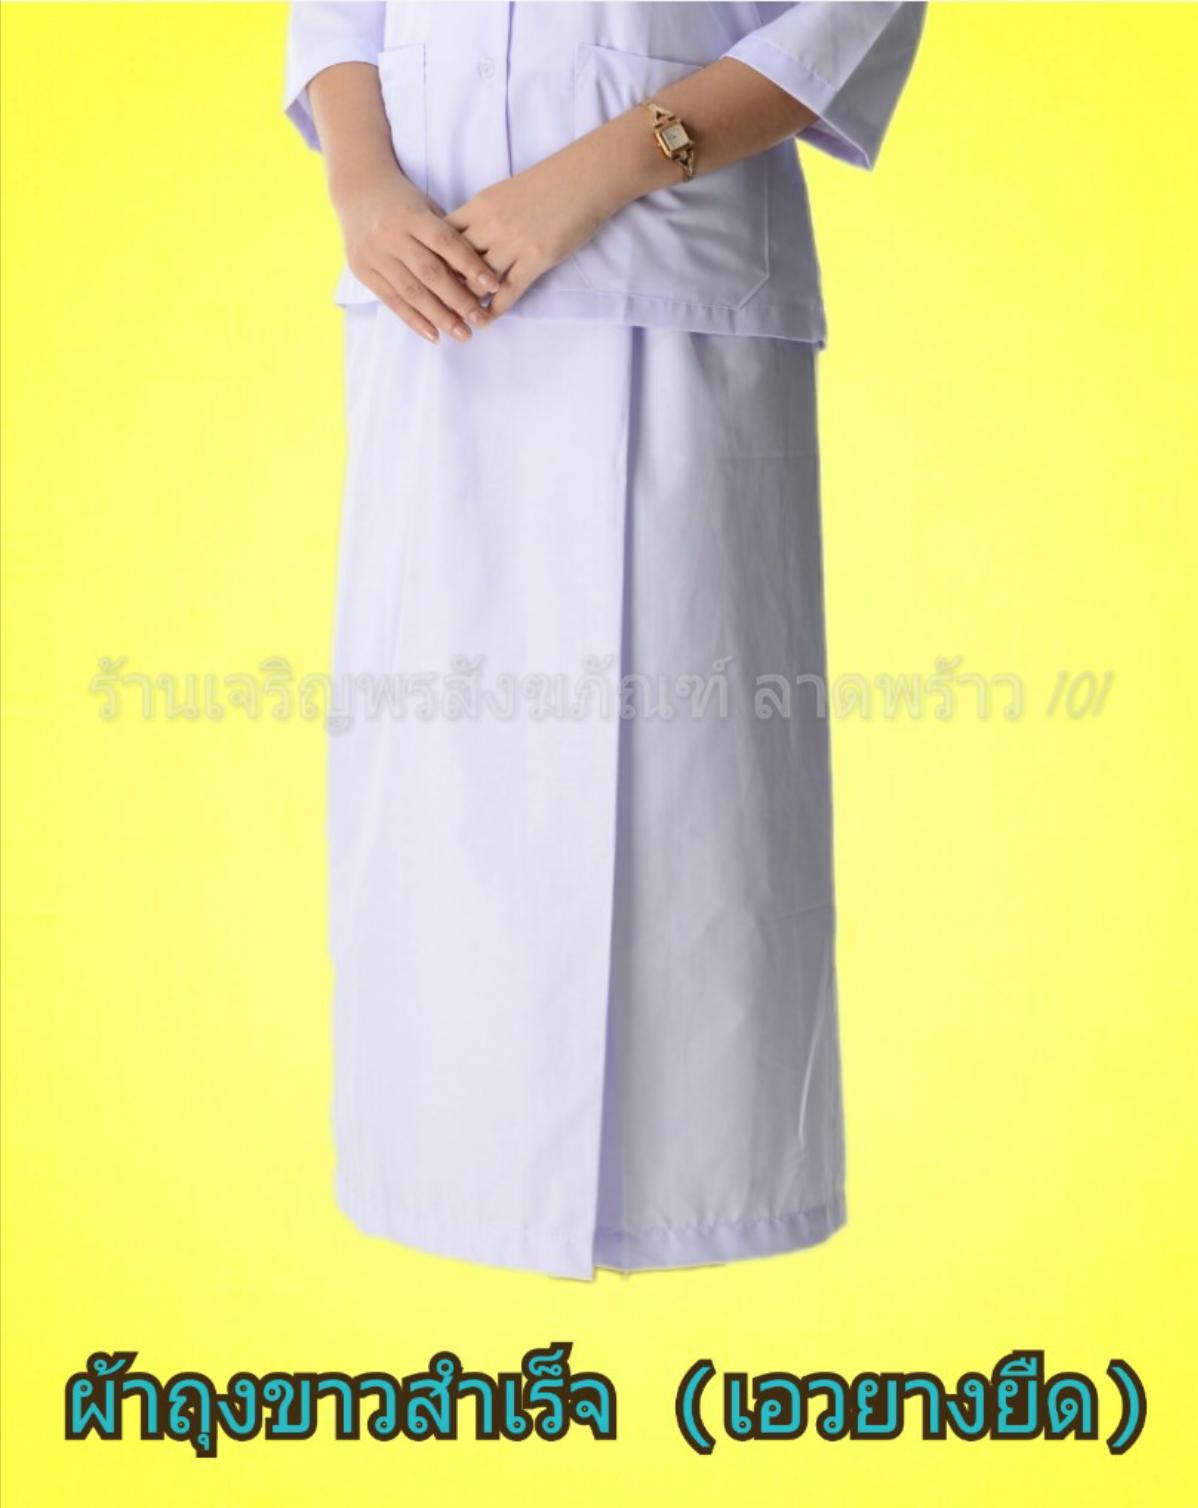 ผ้าถุงขาวสำเร็จ (เอวยางยืด)